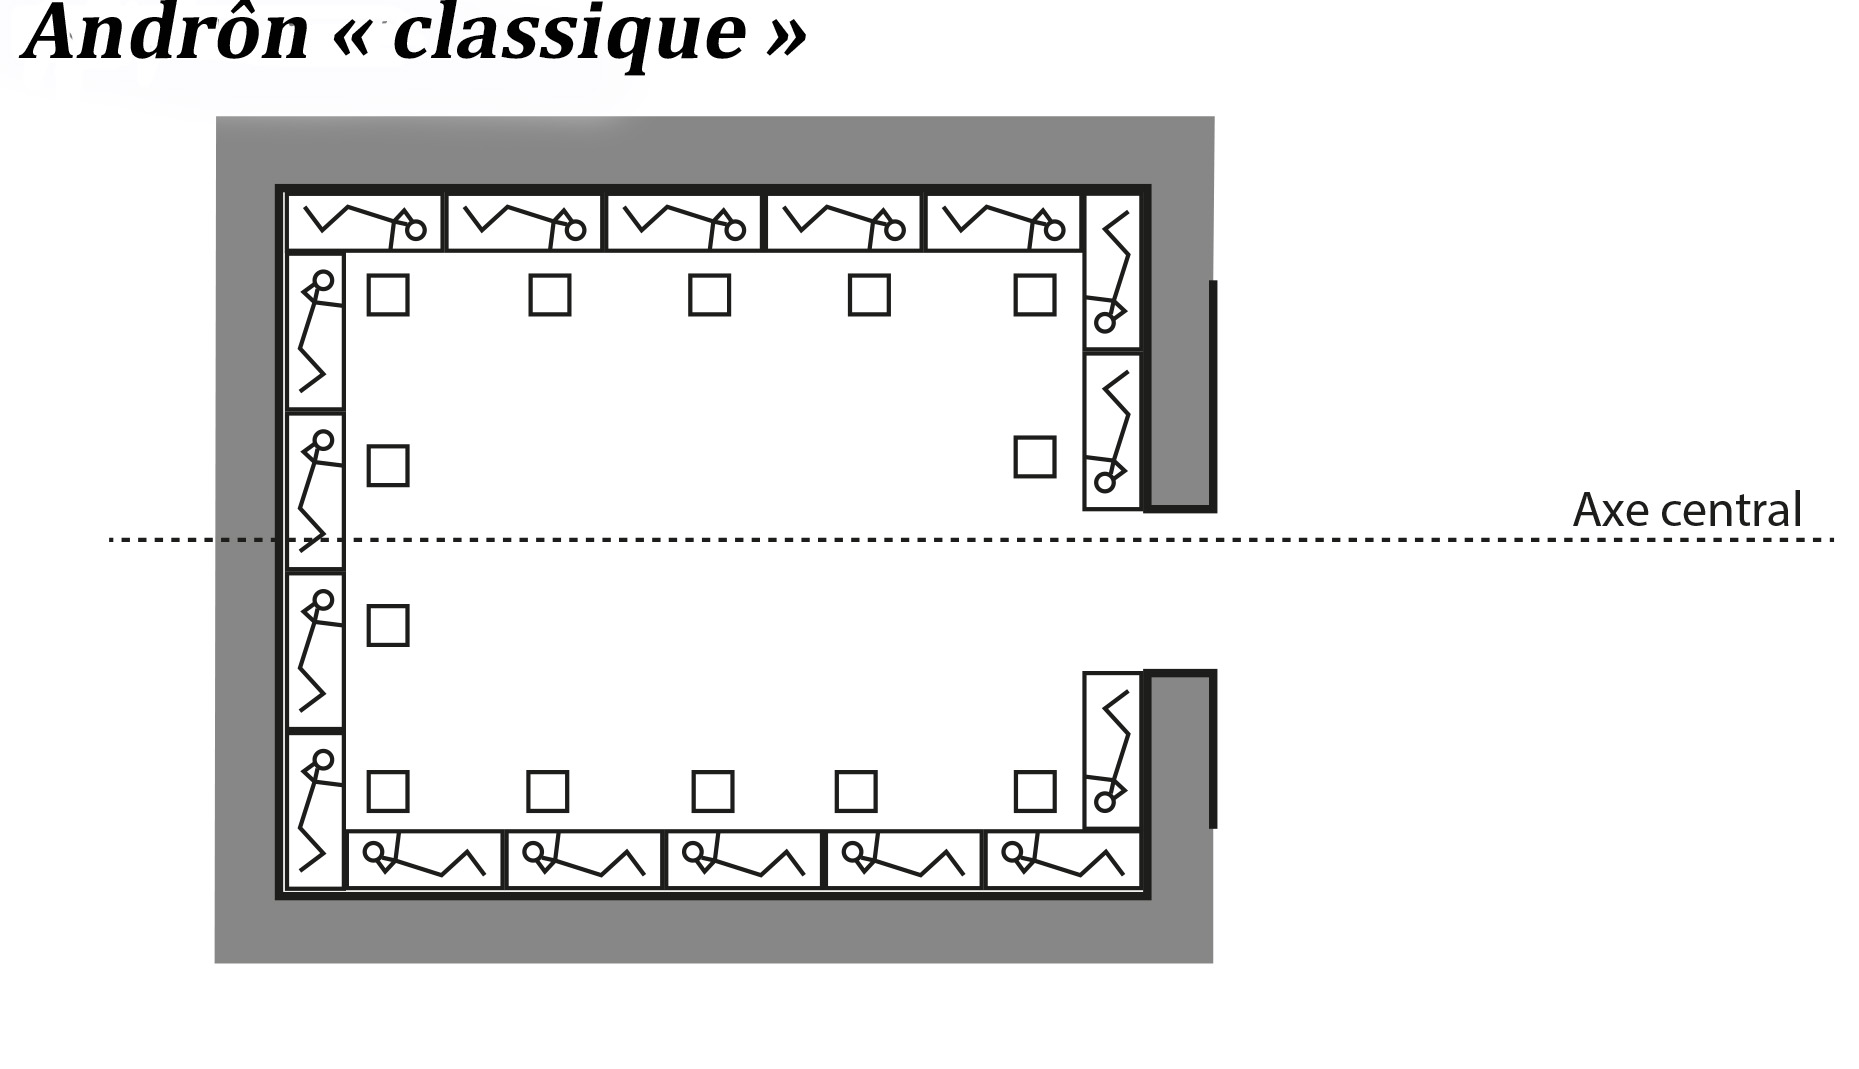 psl_psl-explore_scema_andron_classique